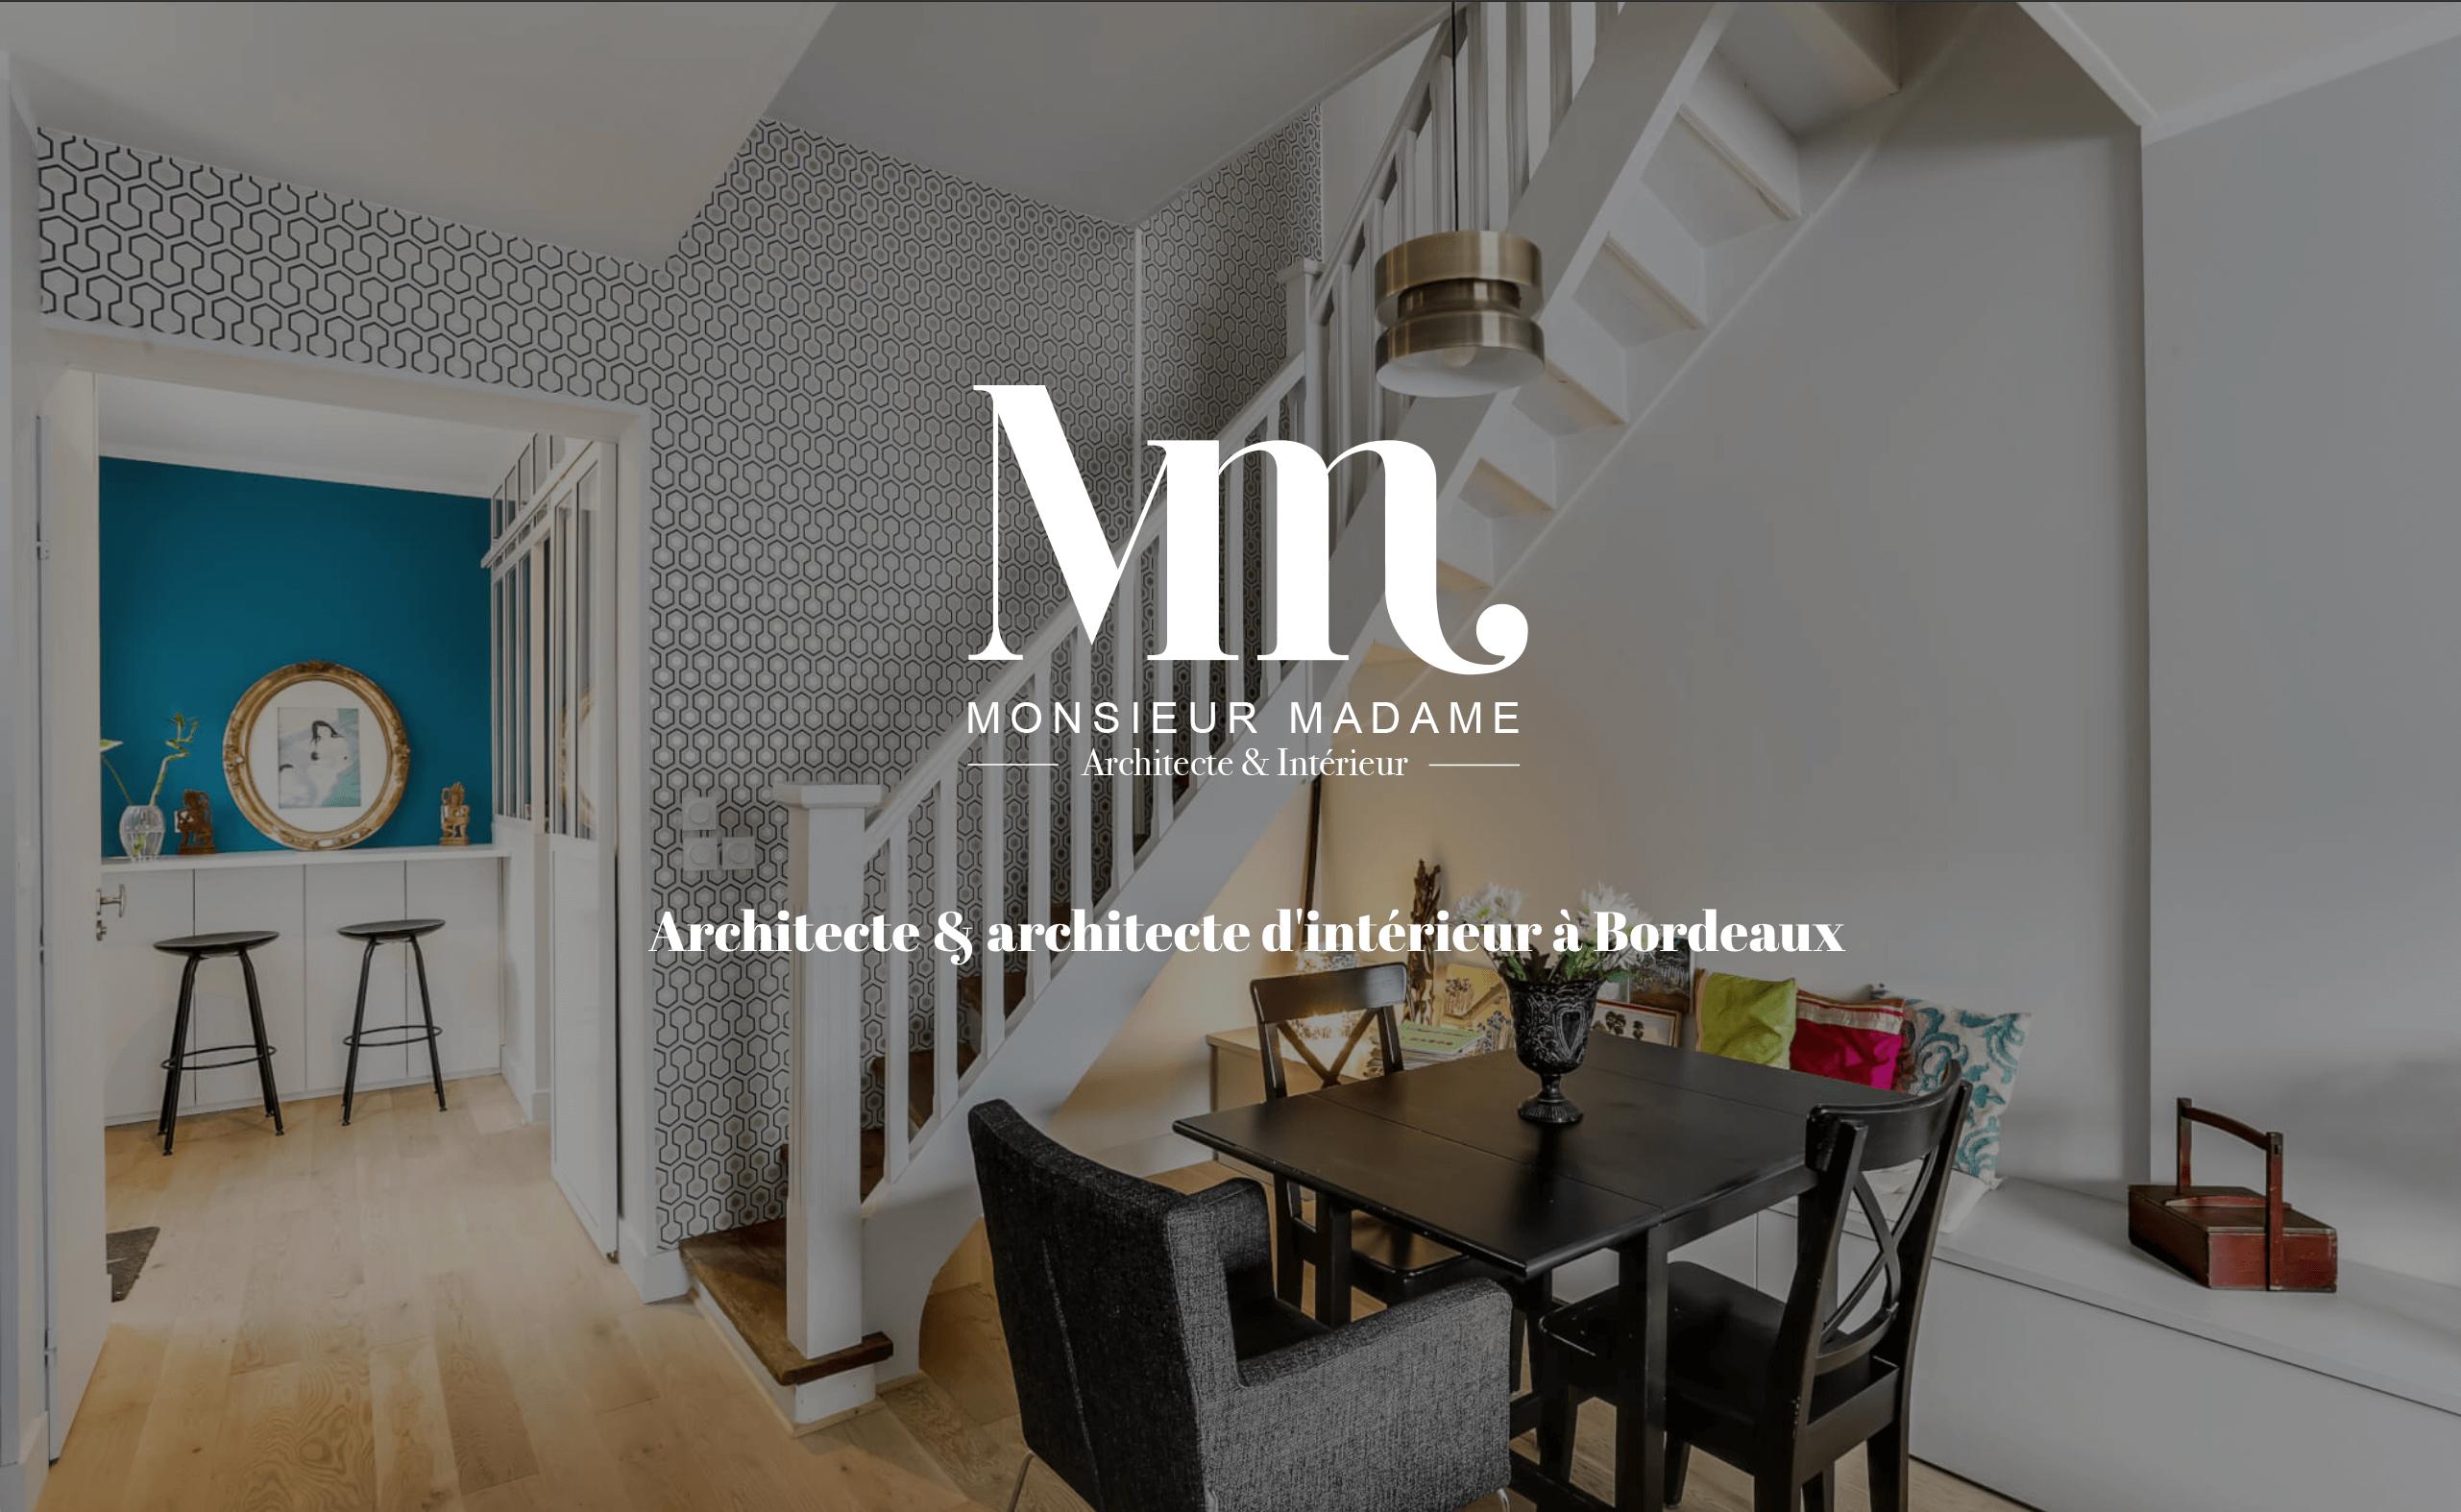 Architecte Interieur Bordeaux agence monsieur madame : architecte & architecte d'intérieur